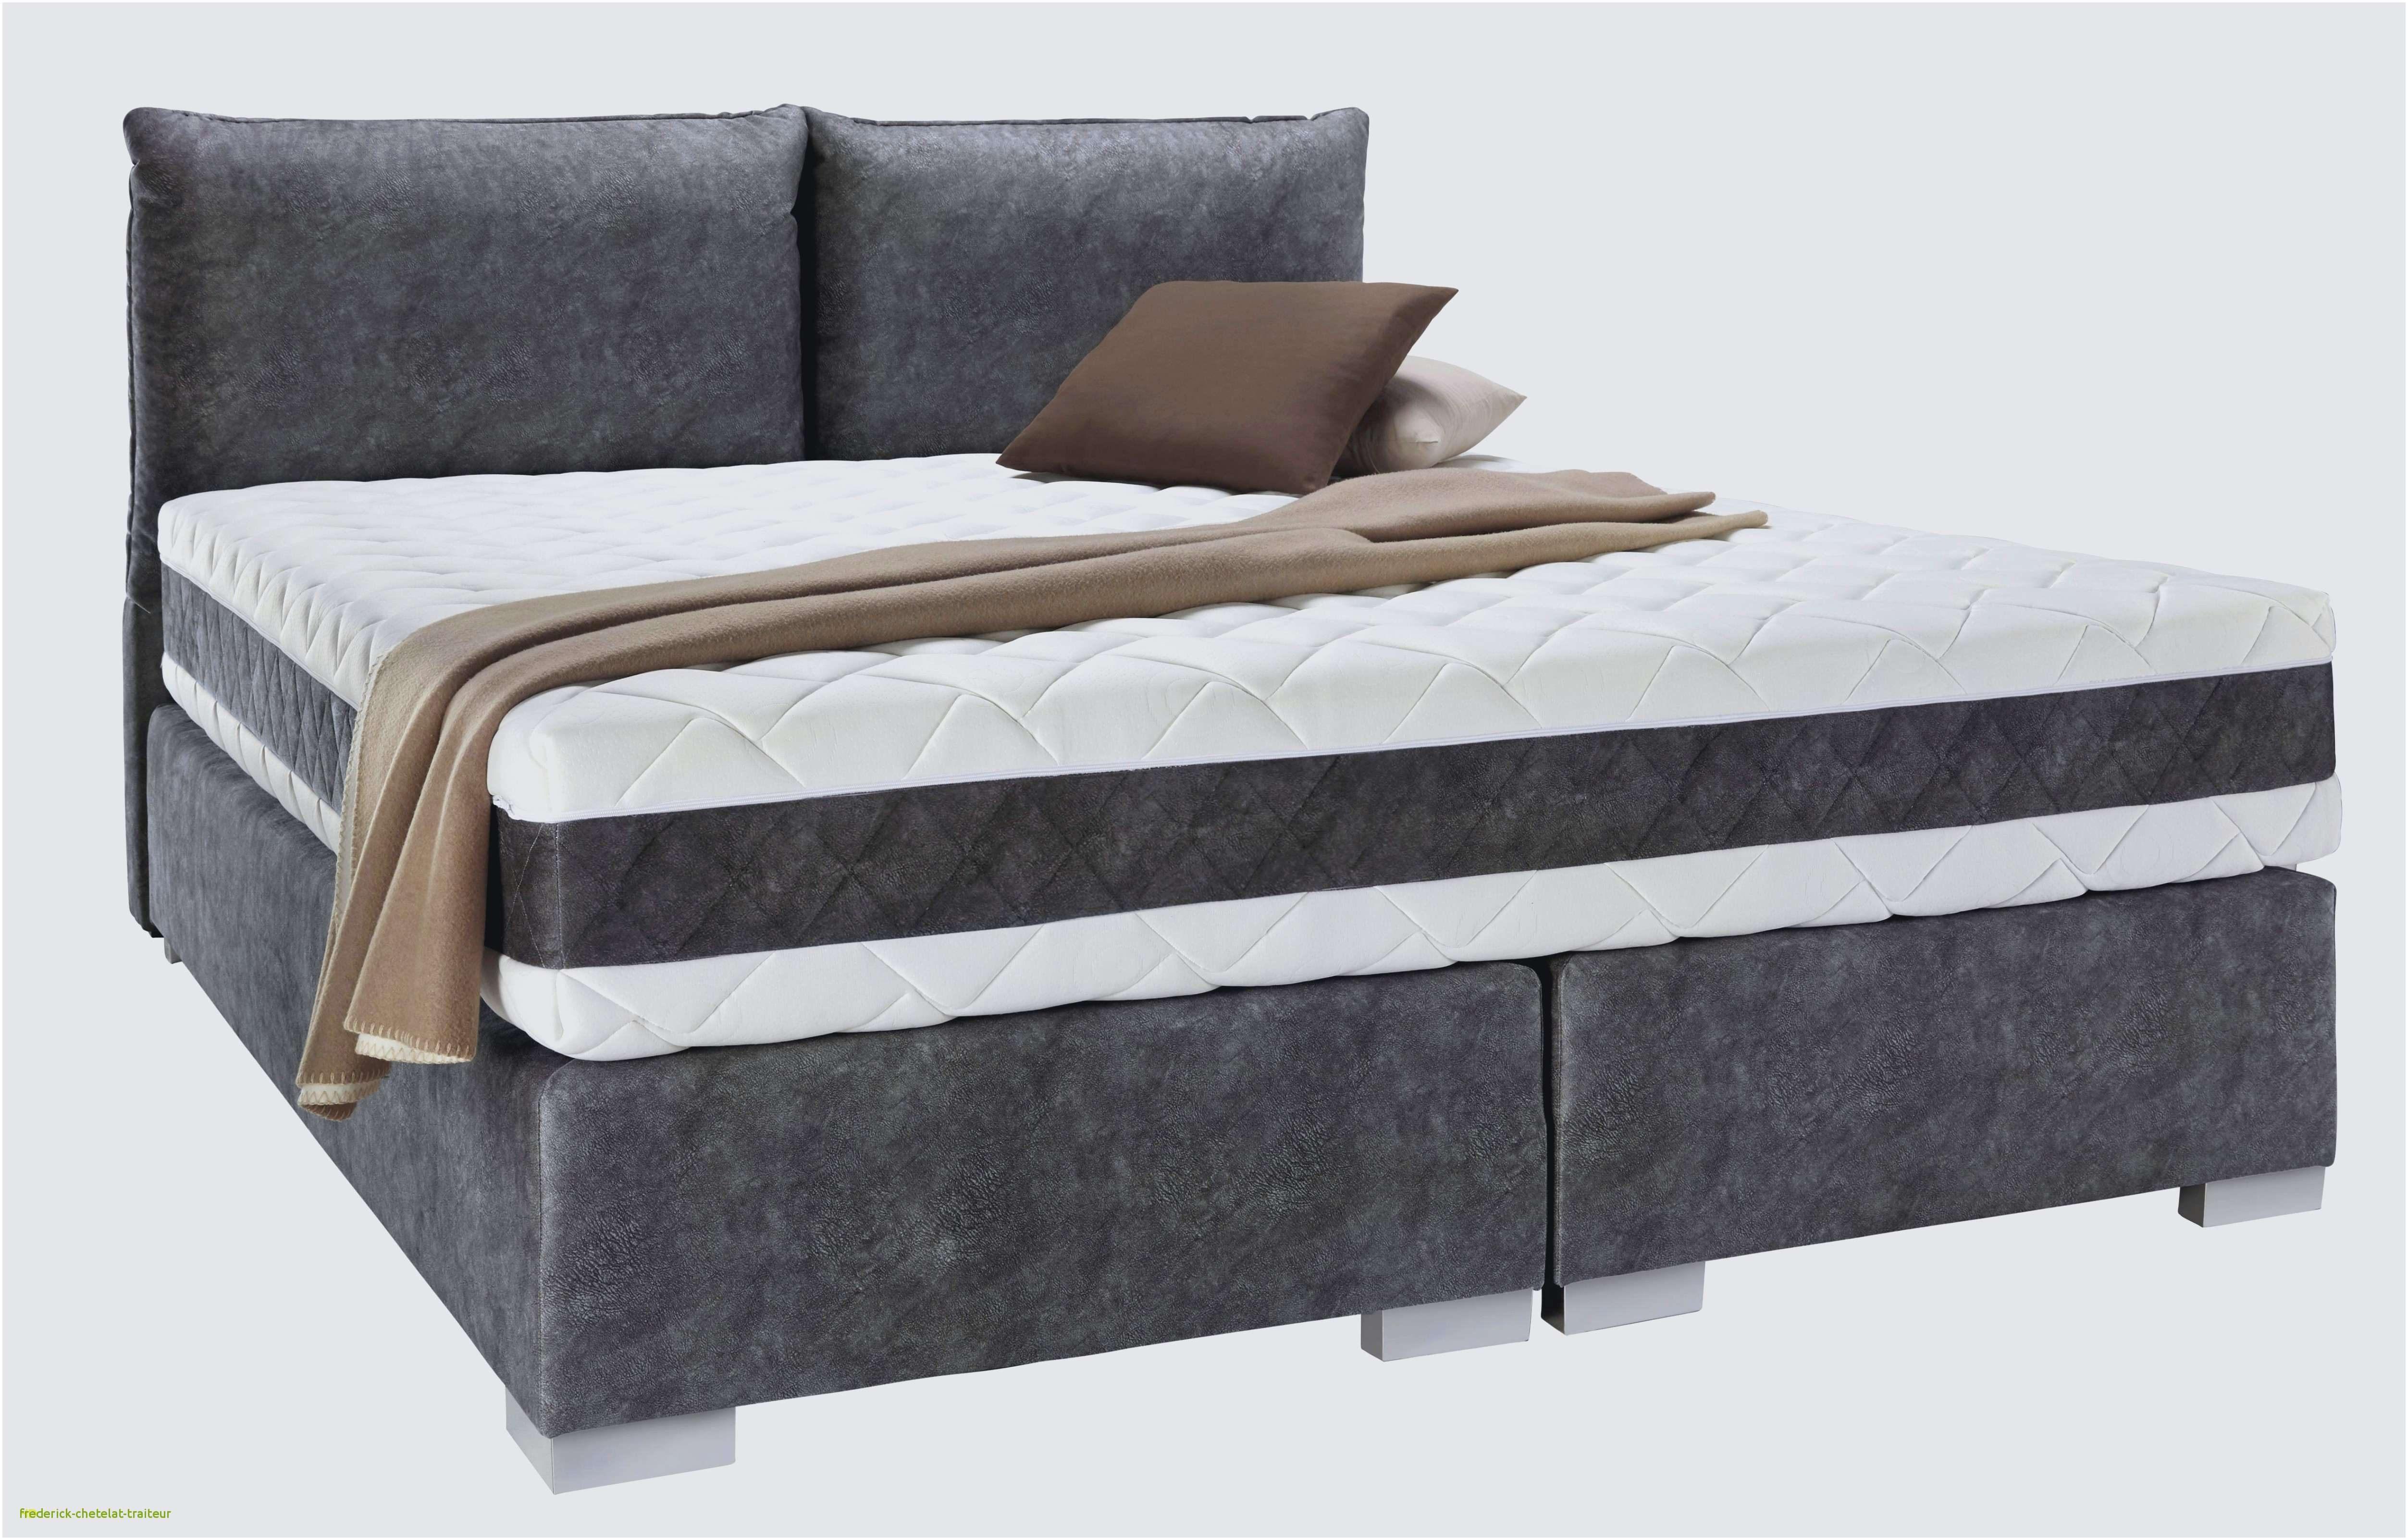 Lit Coffre 140×190 De Luxe Inspiré sommier En Kit 140—190 Ikea Beau S Verin Lit Coffre Génial